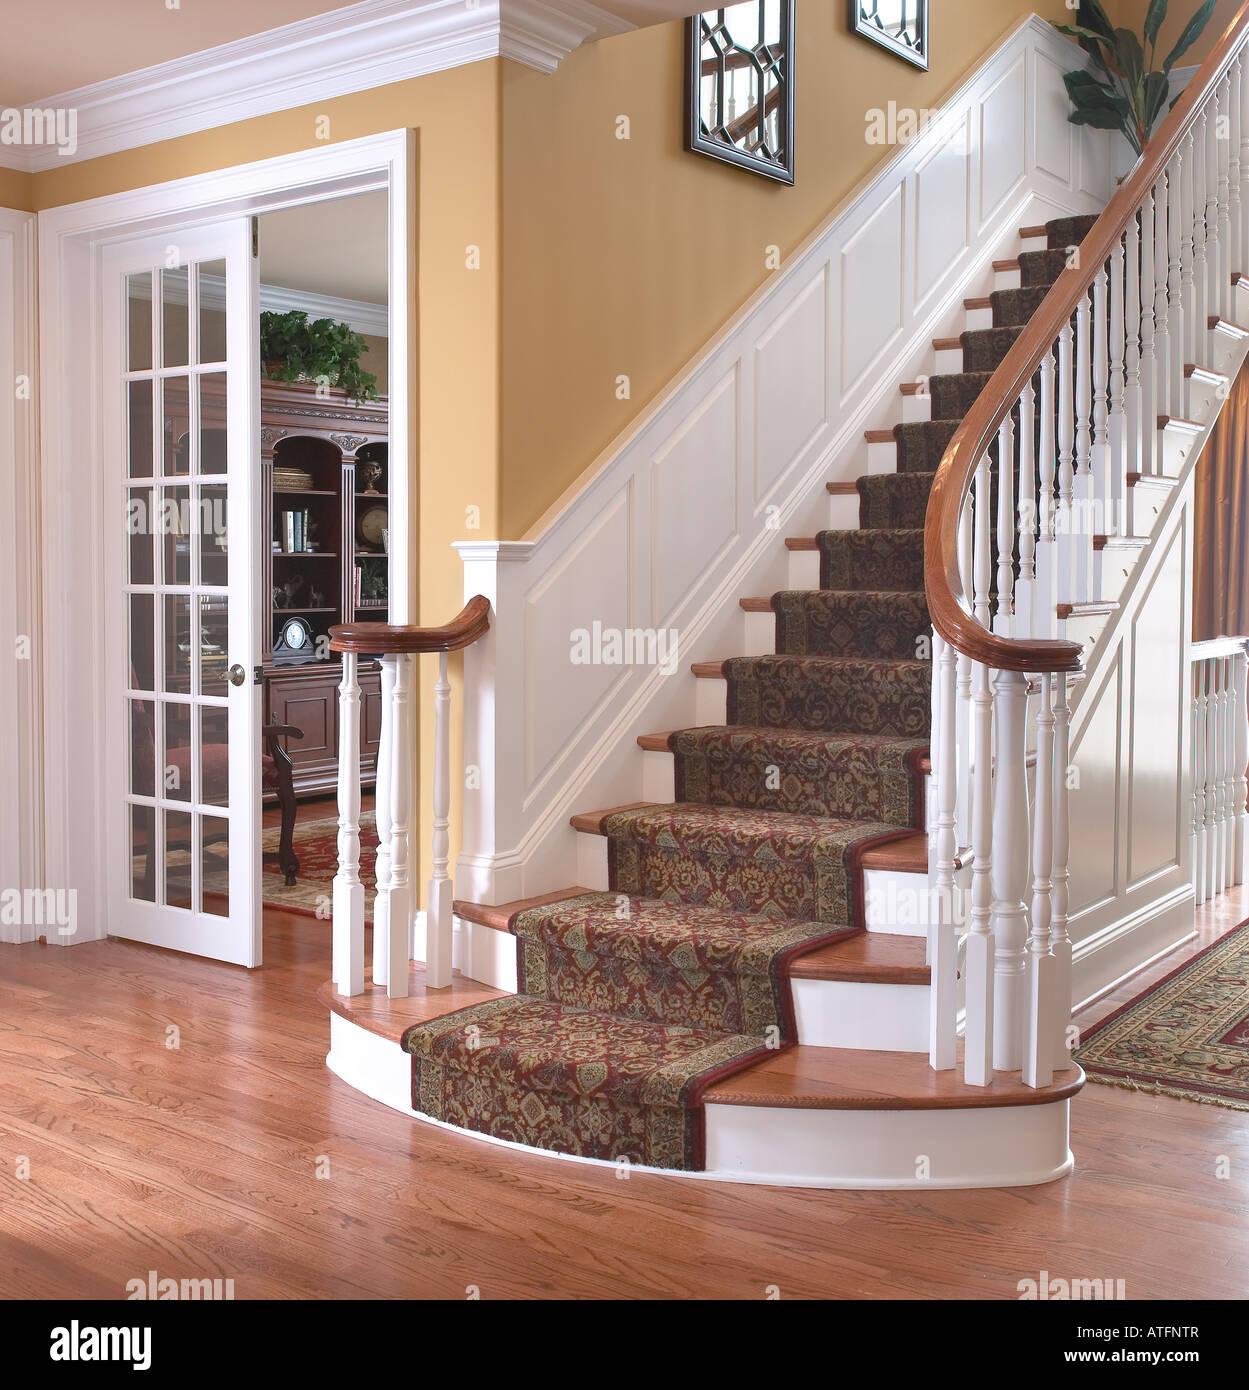 Escalier Dans Un Salon escaliers escalier Étapes landing, salon, usa banque d